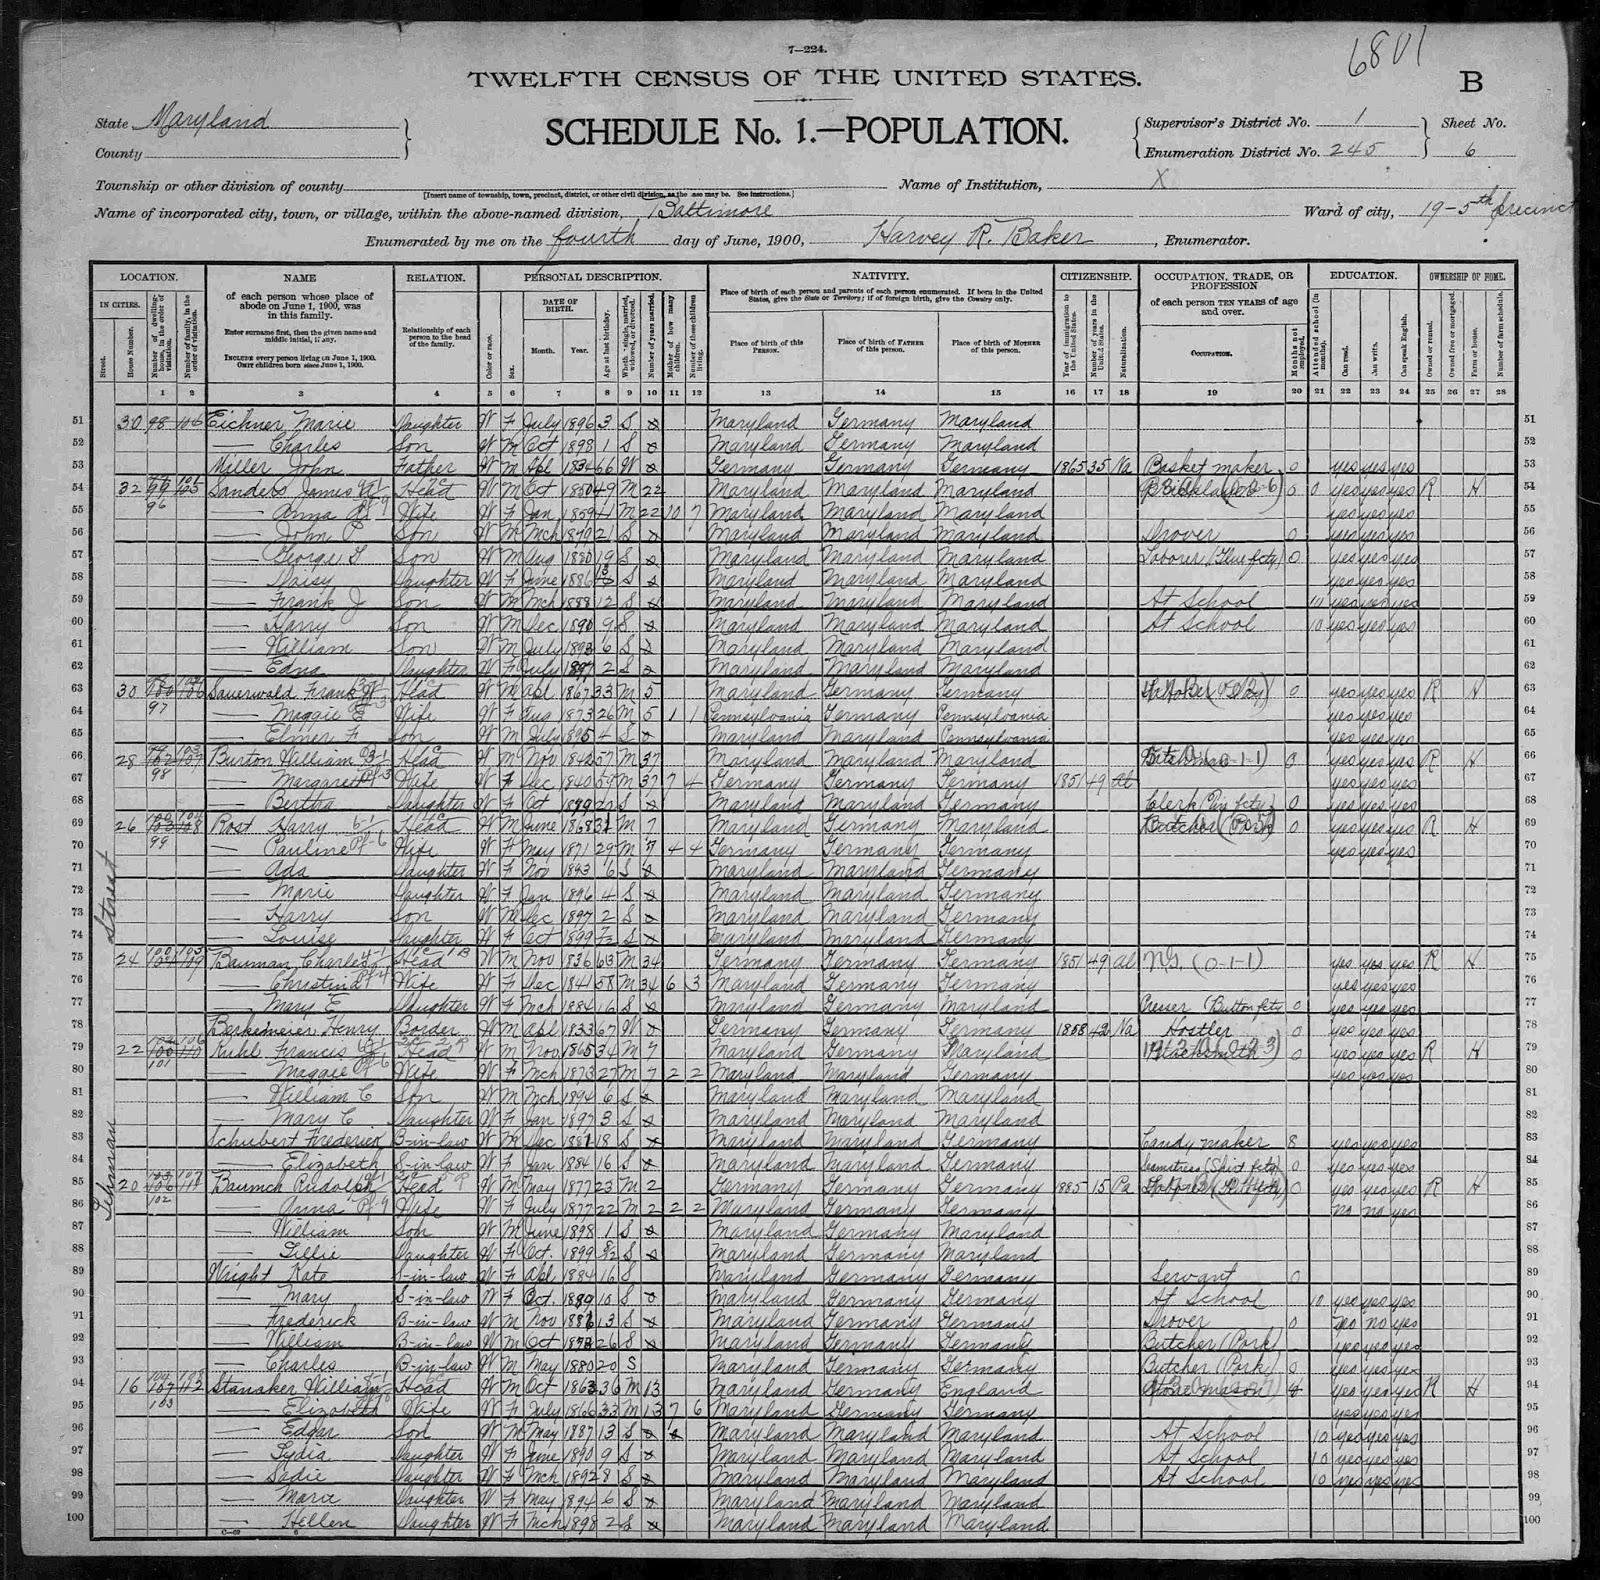 margaret e and elmer f sauerwald in the 1920 u s census